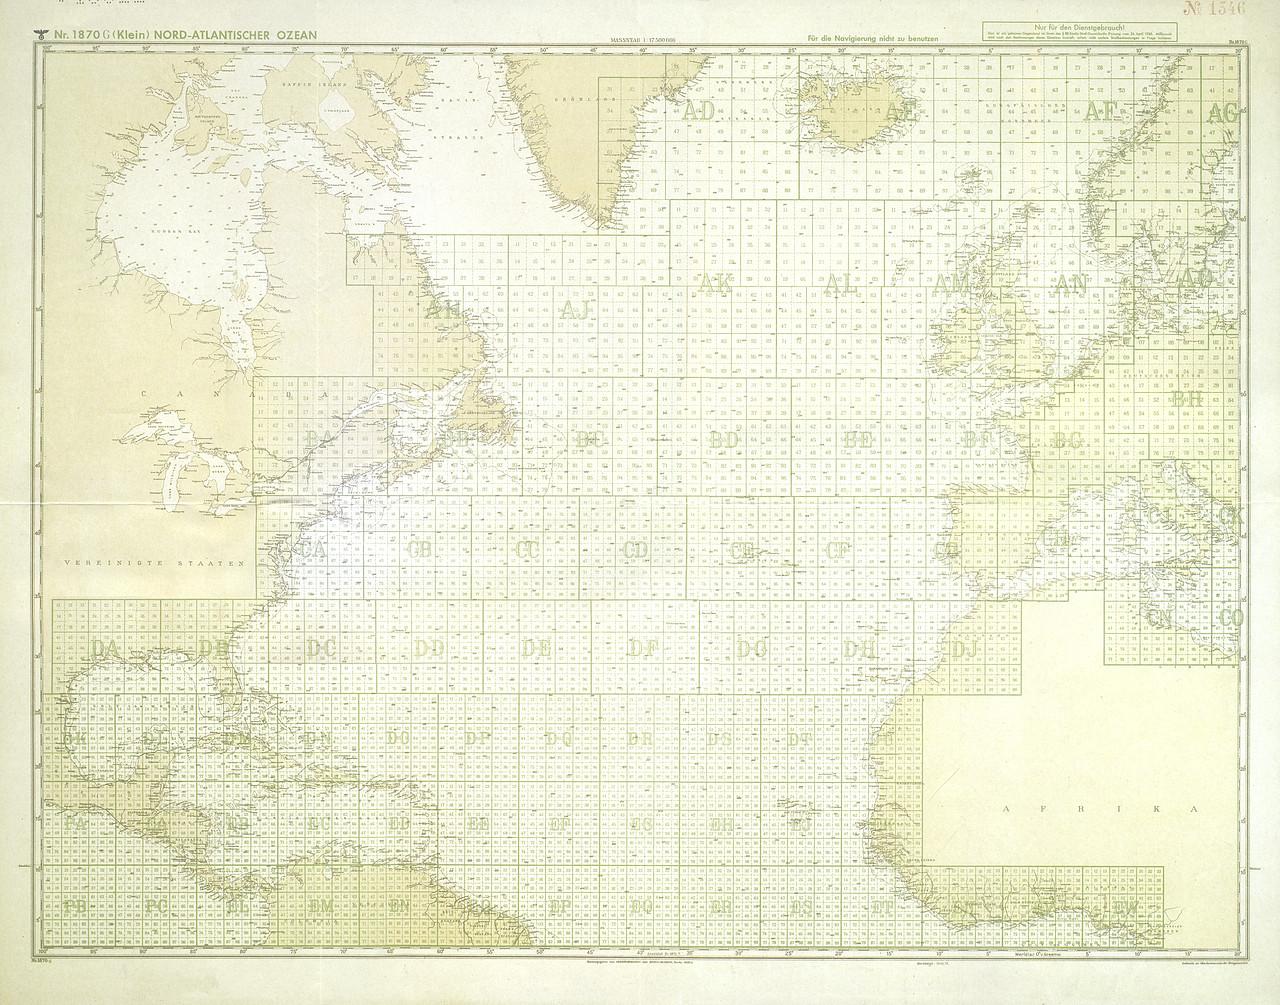 Cuadrantes que incluyen toda la zona cubierta por la mar